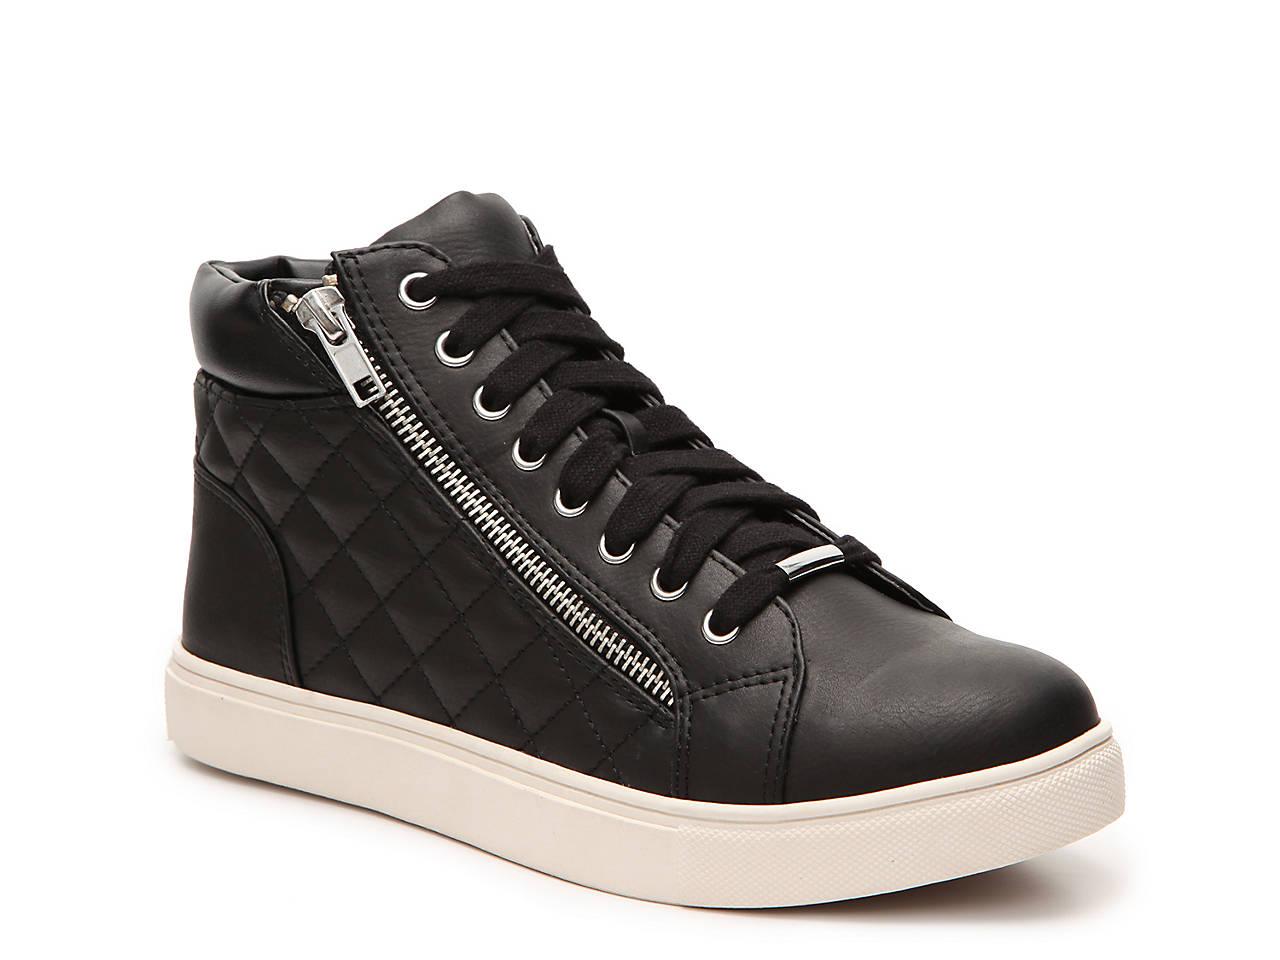 5e23839a4fd Steve Madden Decaff High-Top Sneaker Women s Shoes